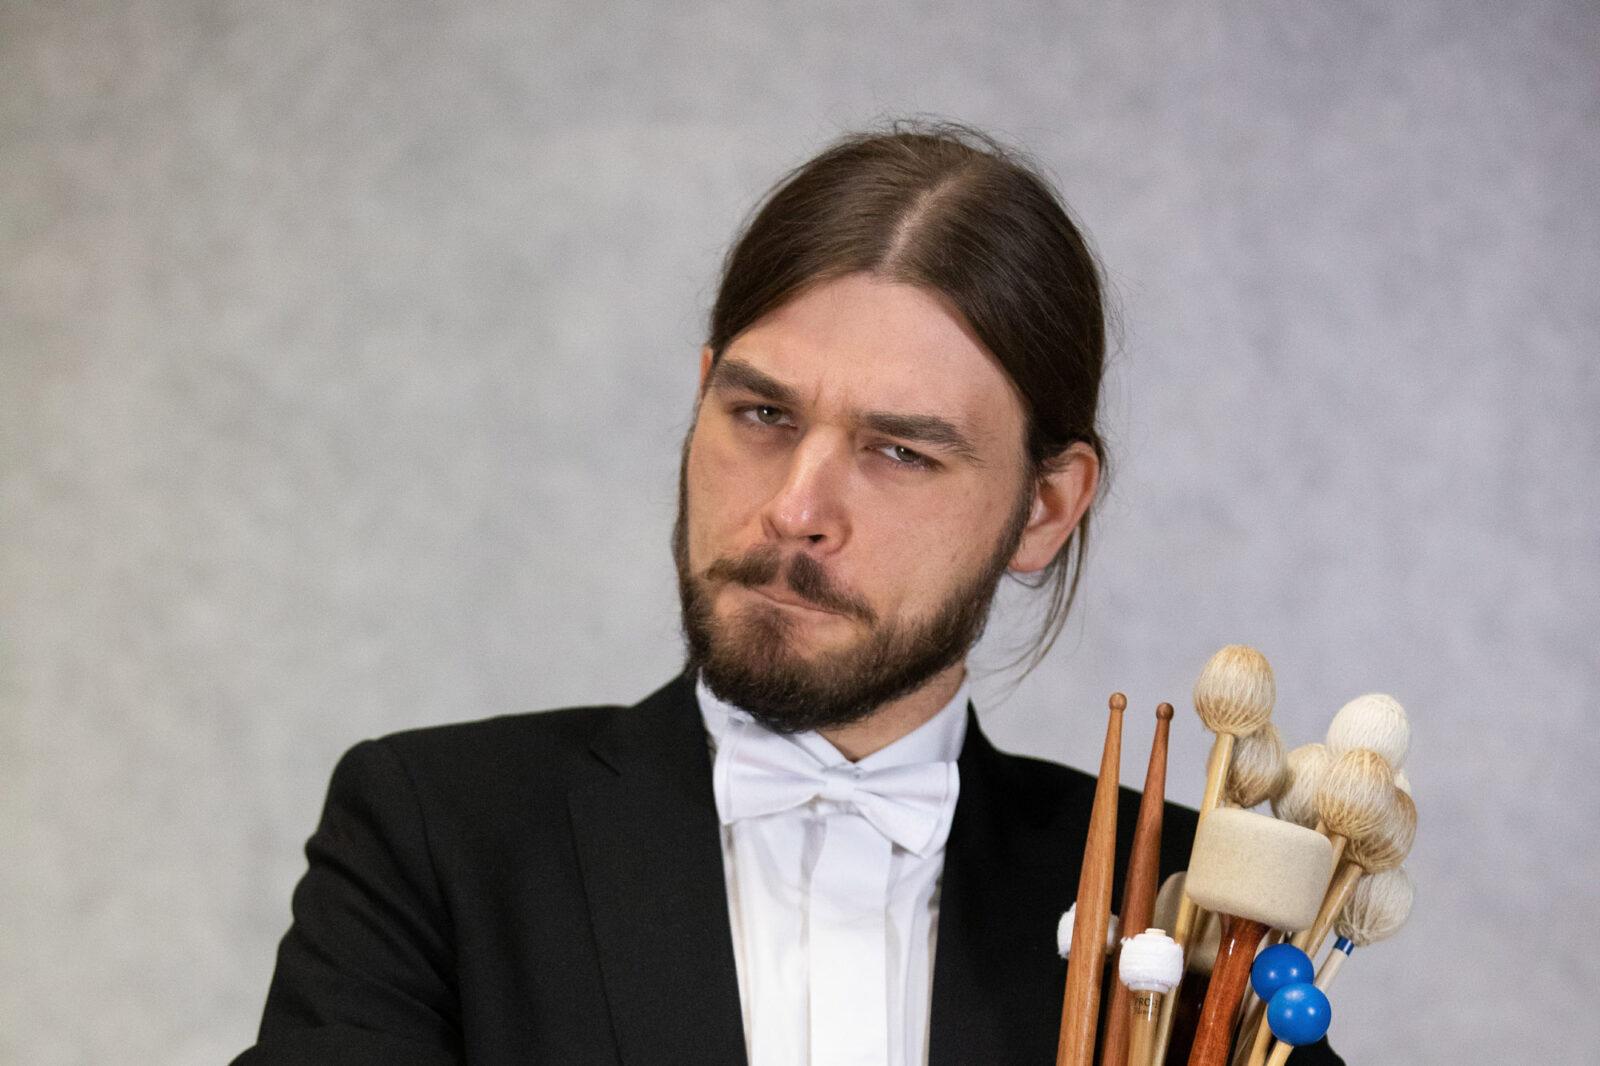 Artysta z pałeczkami do perkusjonaliów